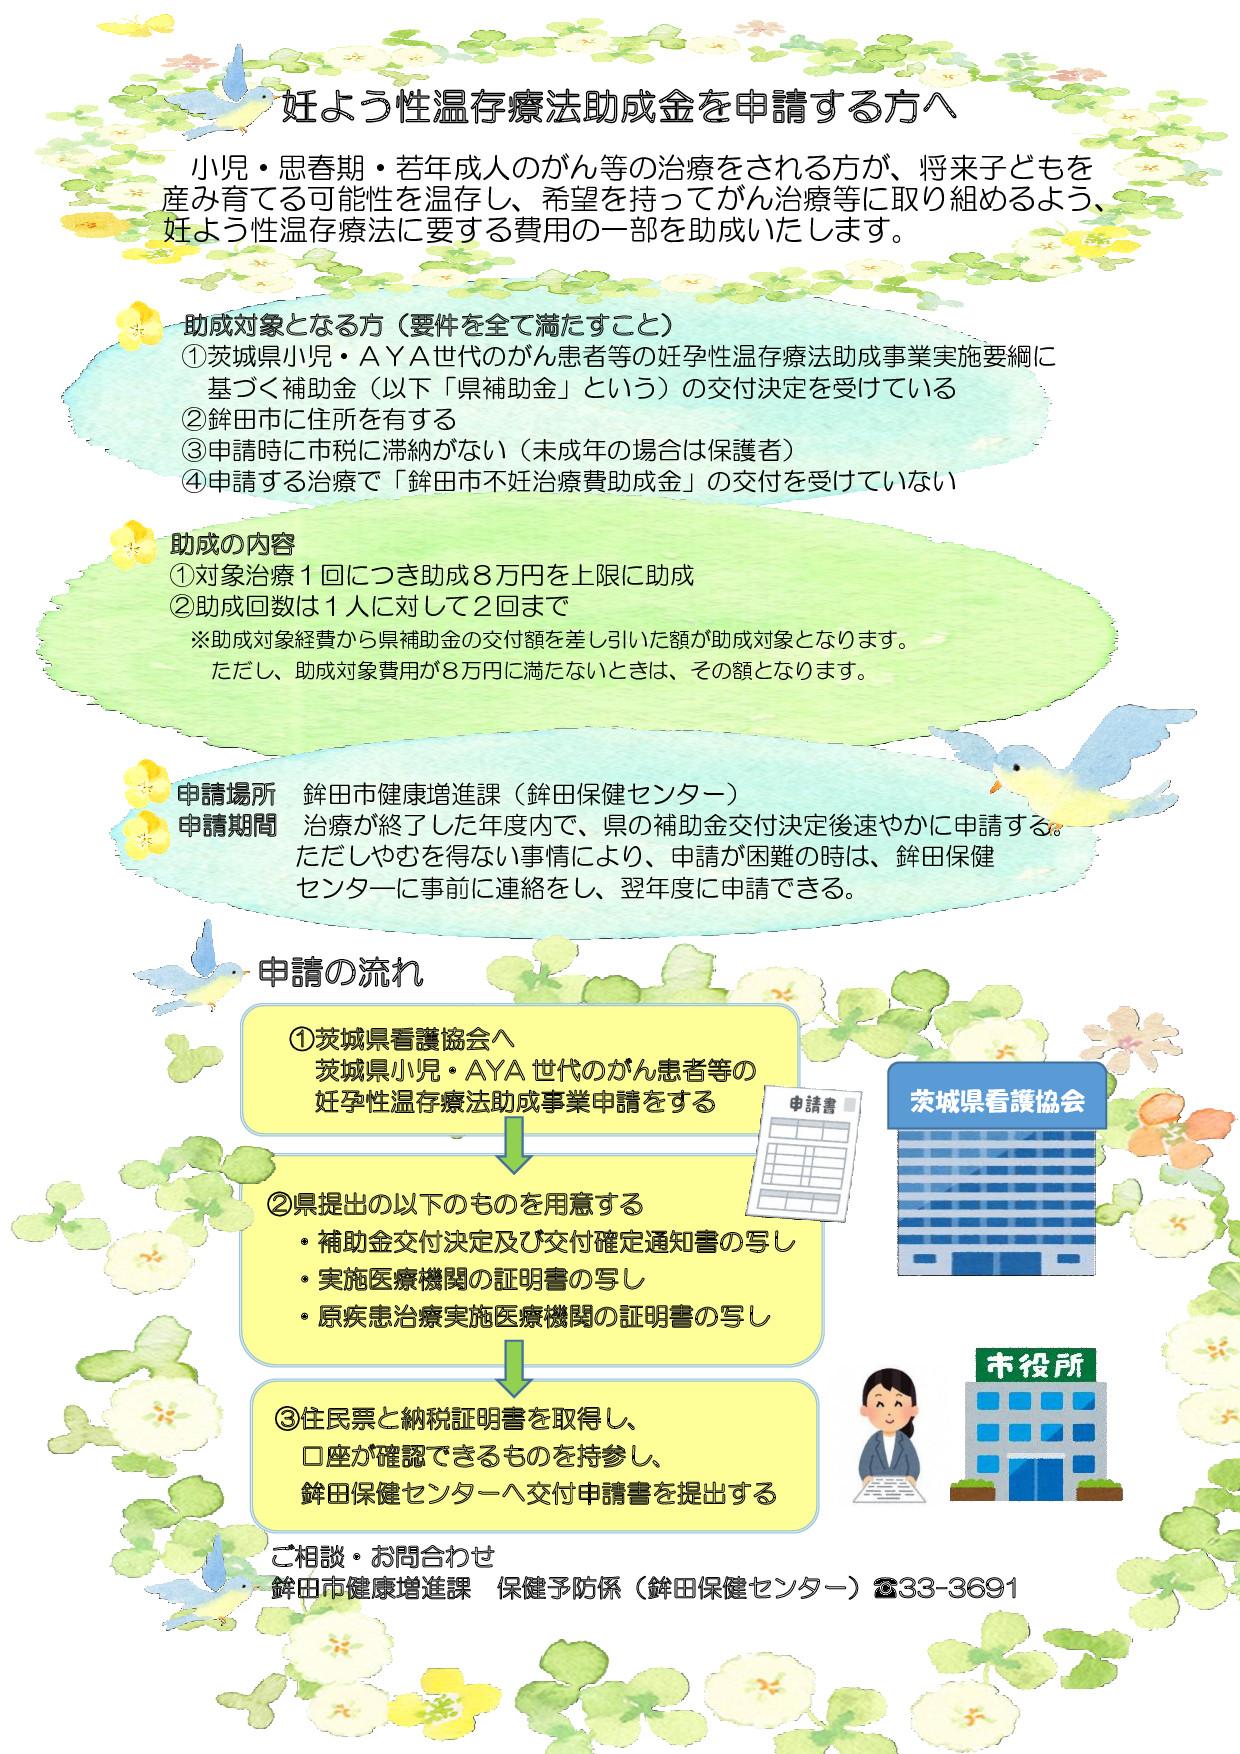 『妊よう性温存療法助成事業チラシ(1)』の画像